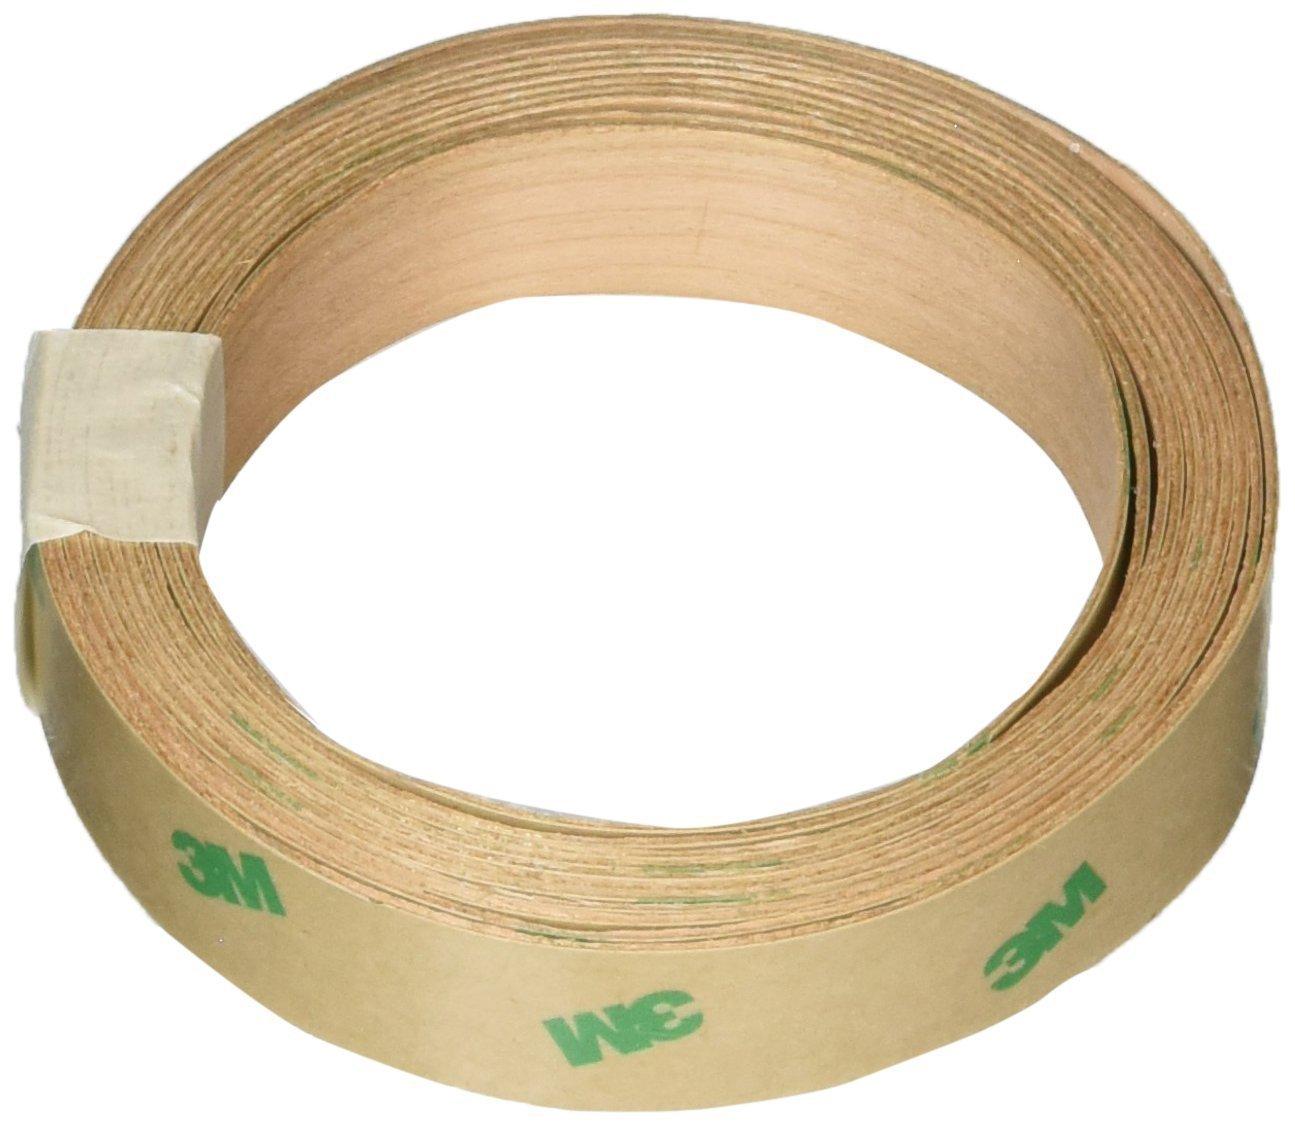 Band-It 12983 Peel-N-Stick Real Wood Veneer Facing, 12'' x 96'', Teak